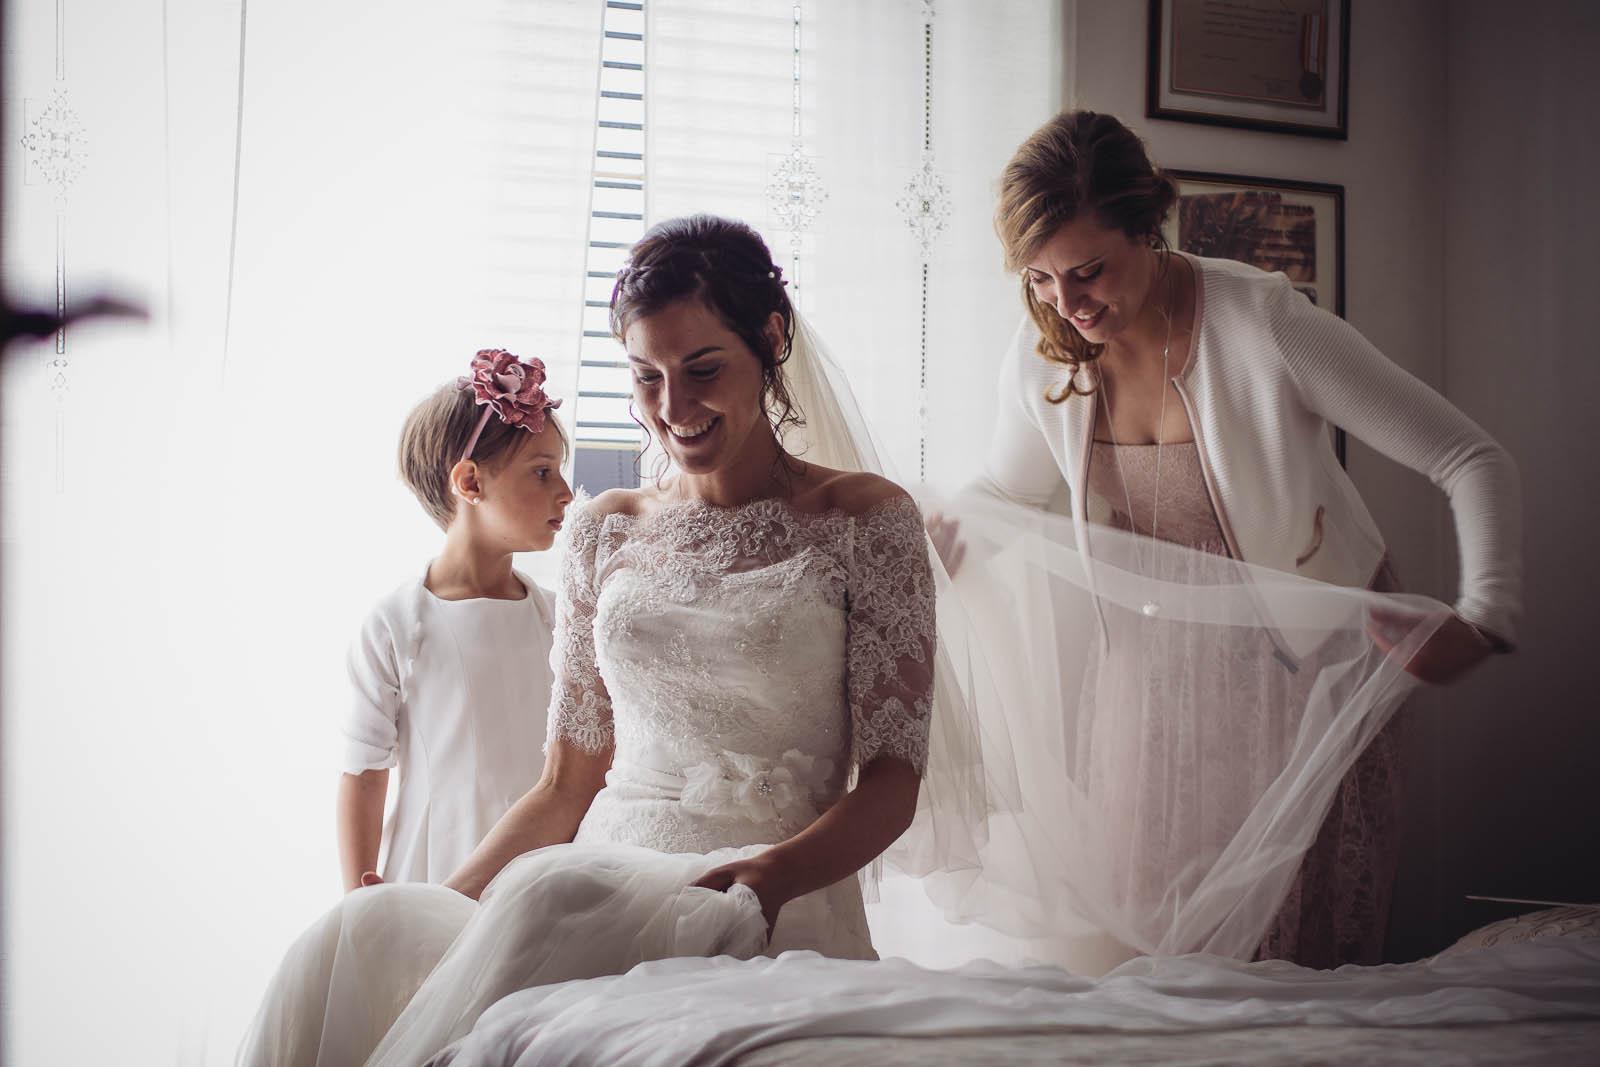 Foto di matrimonio: 5 segreti per renderle indimenticabili parte 1